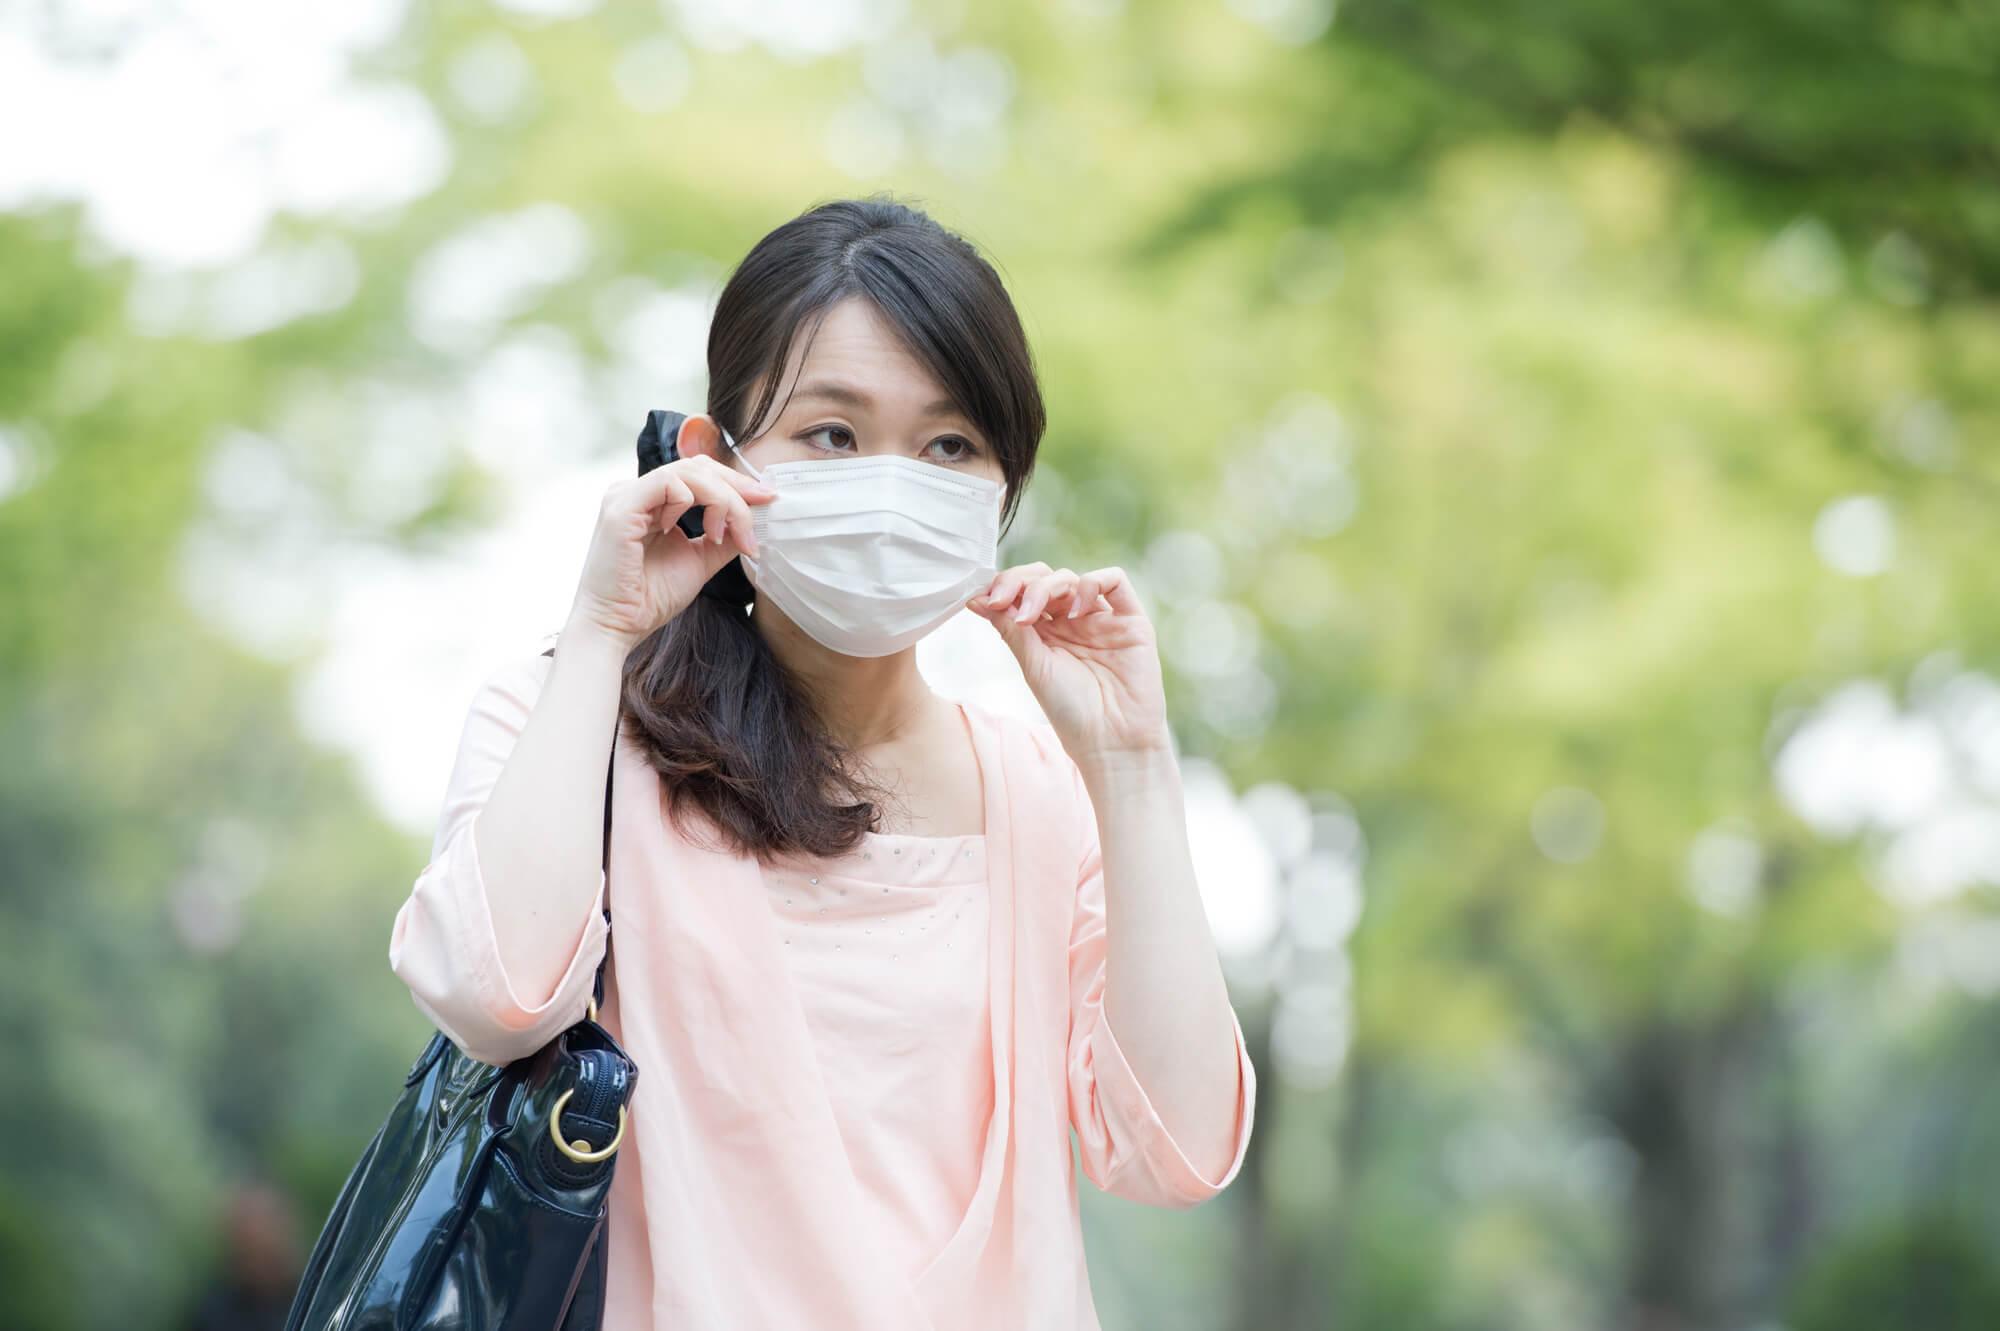 マスクって意味あるの?インフルエンザの効果的な予防・対策法